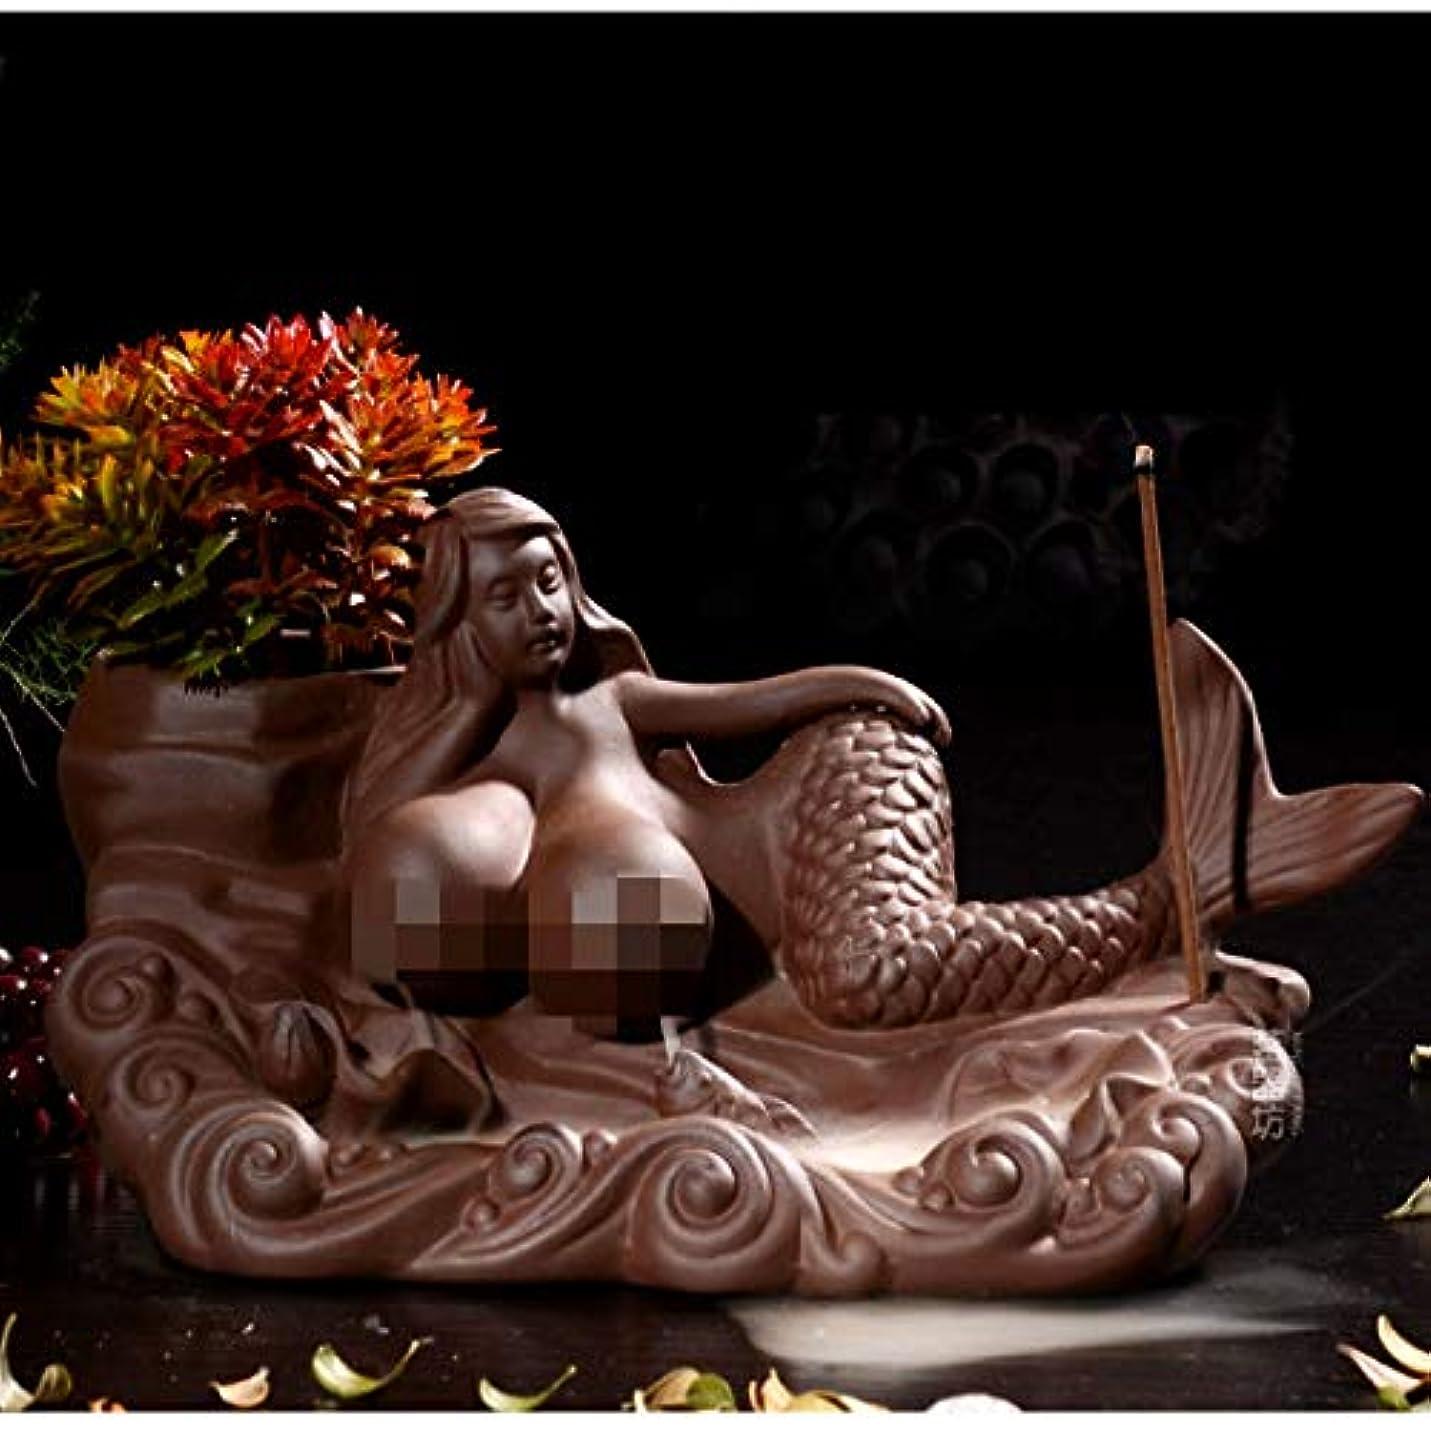 更新する安息縁セラミックリフロー香炉効果クリエイティブホームオフィス装飾オフィス工芸家の装飾ギフト18 * 10センチ